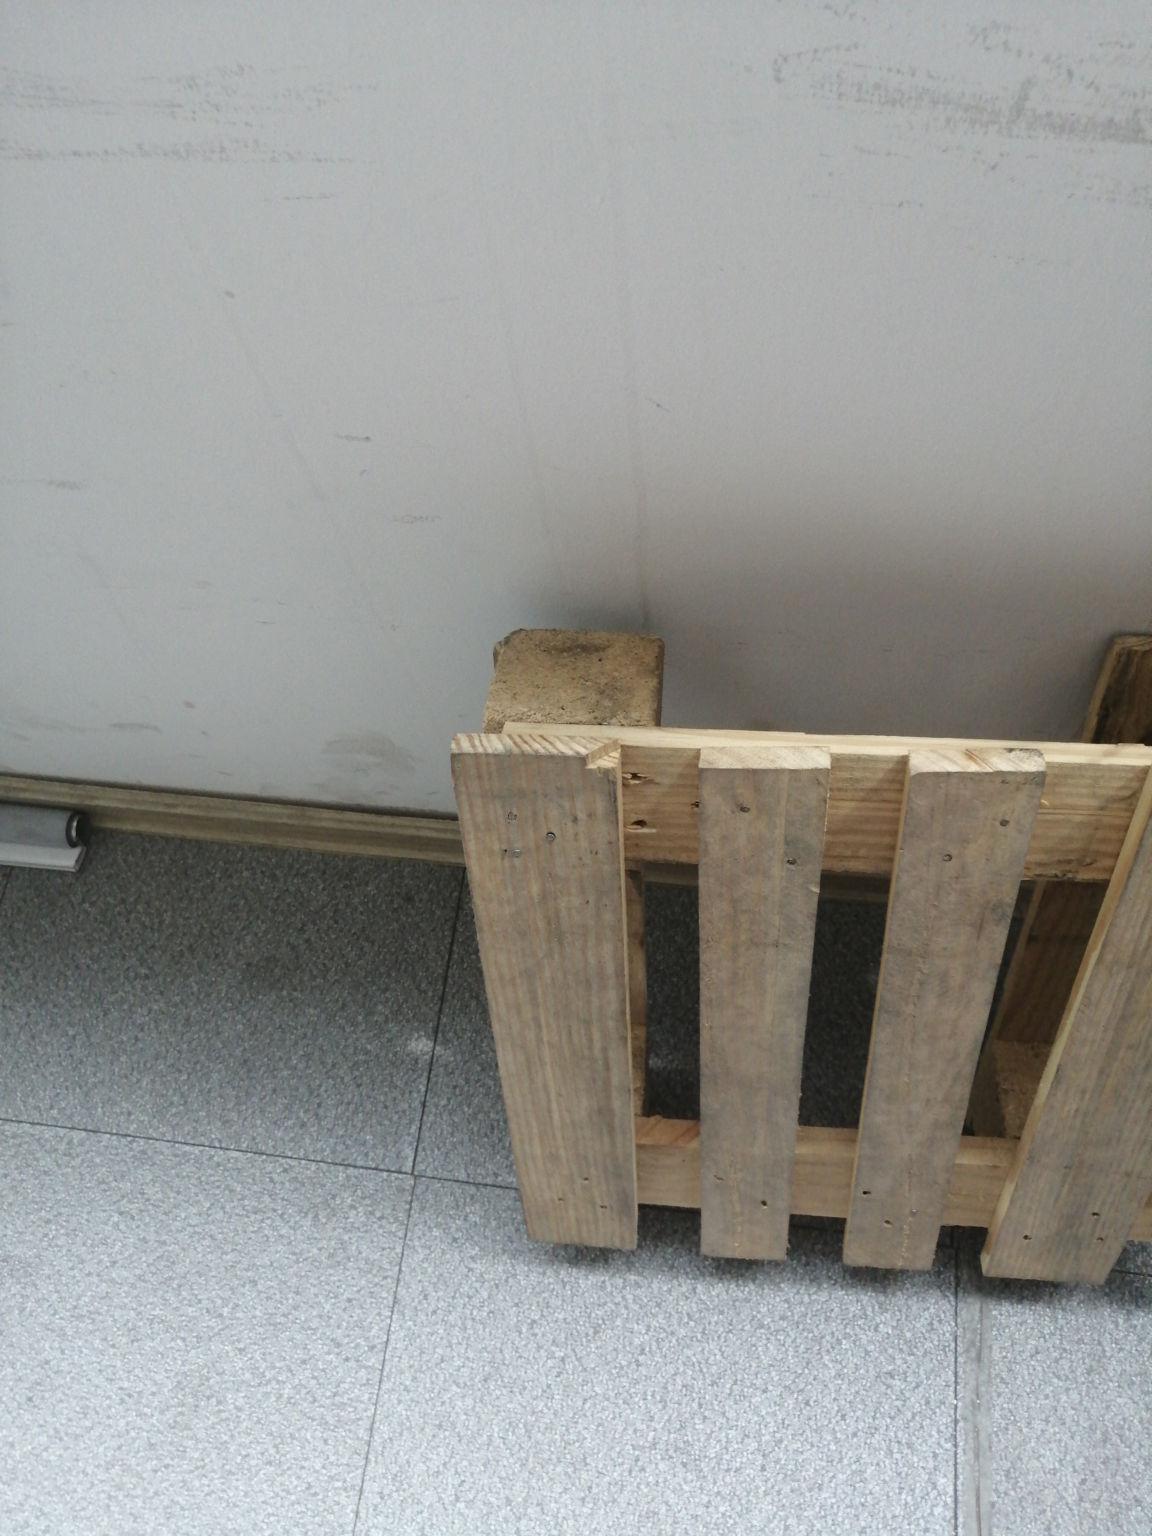 苏州定做方形木托盘供应商——起阳托盘厂出货量大的托